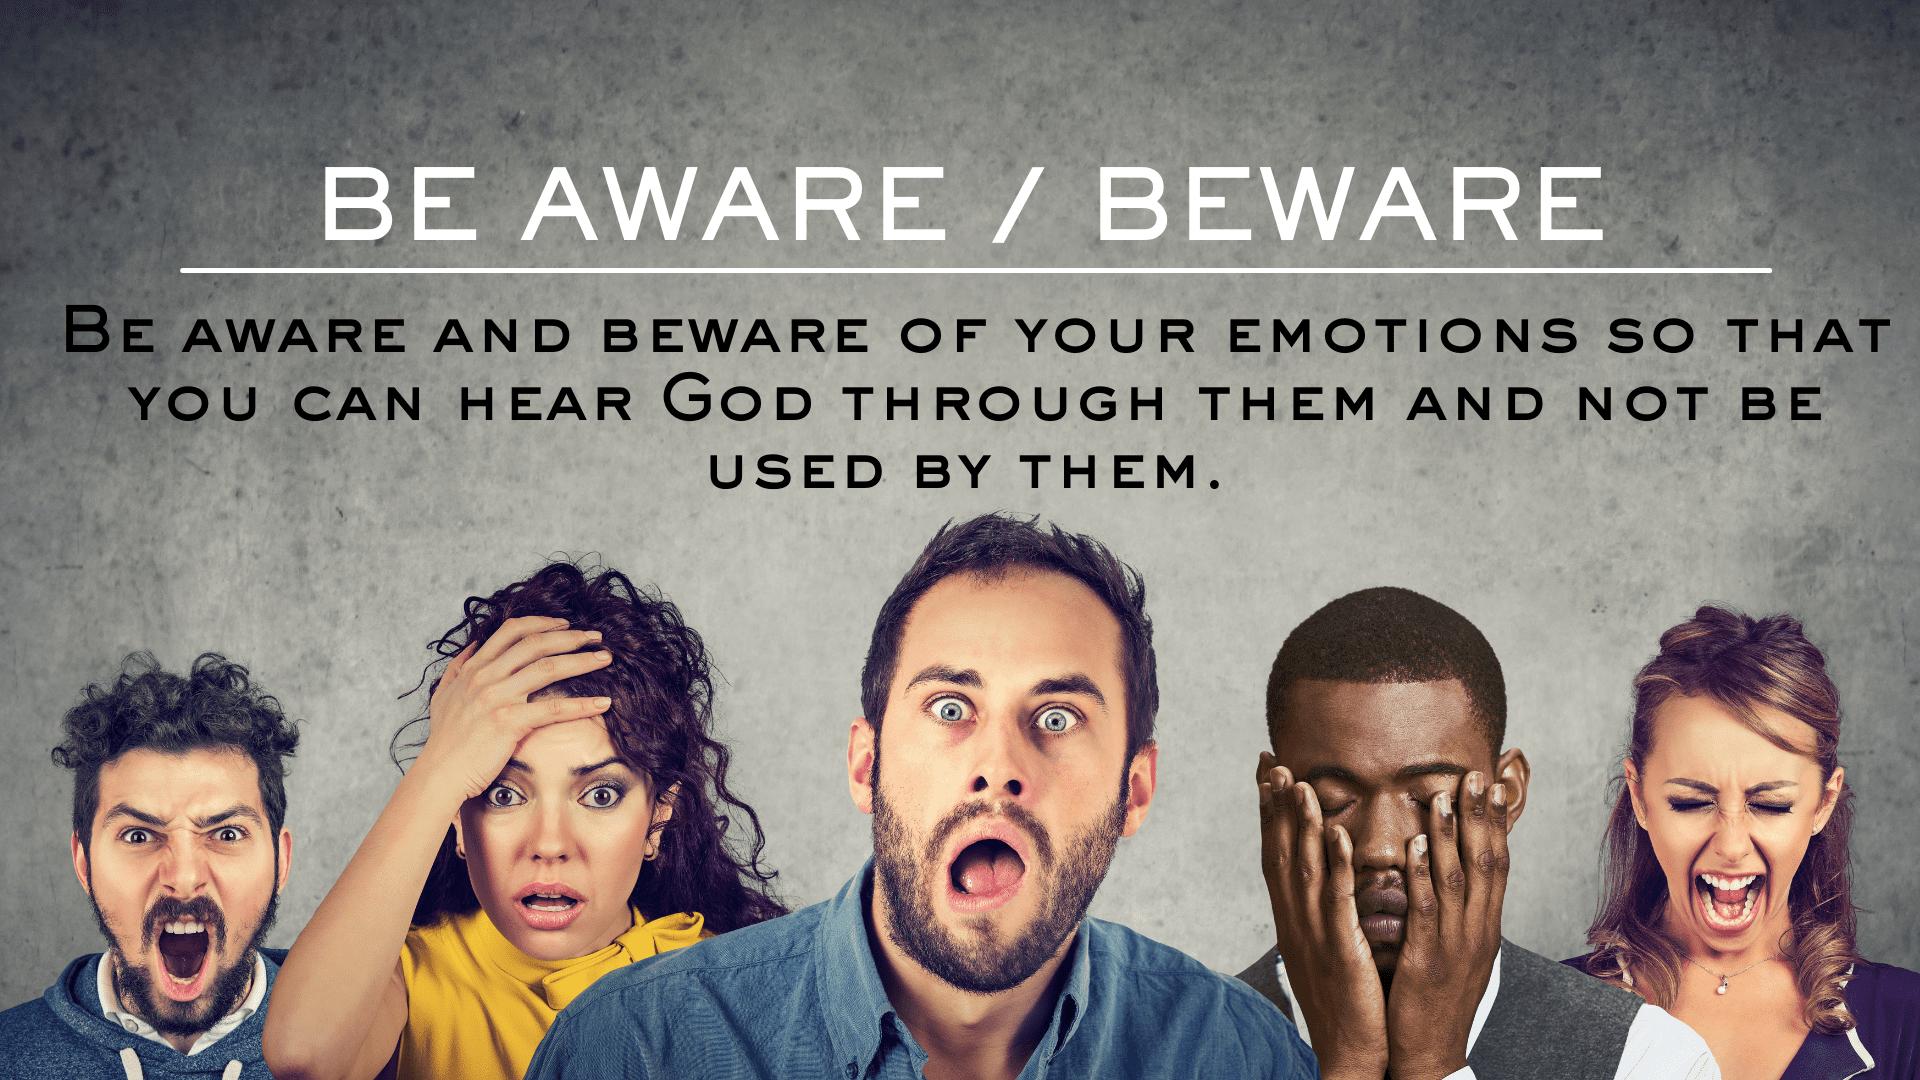 Be Aware / Beware